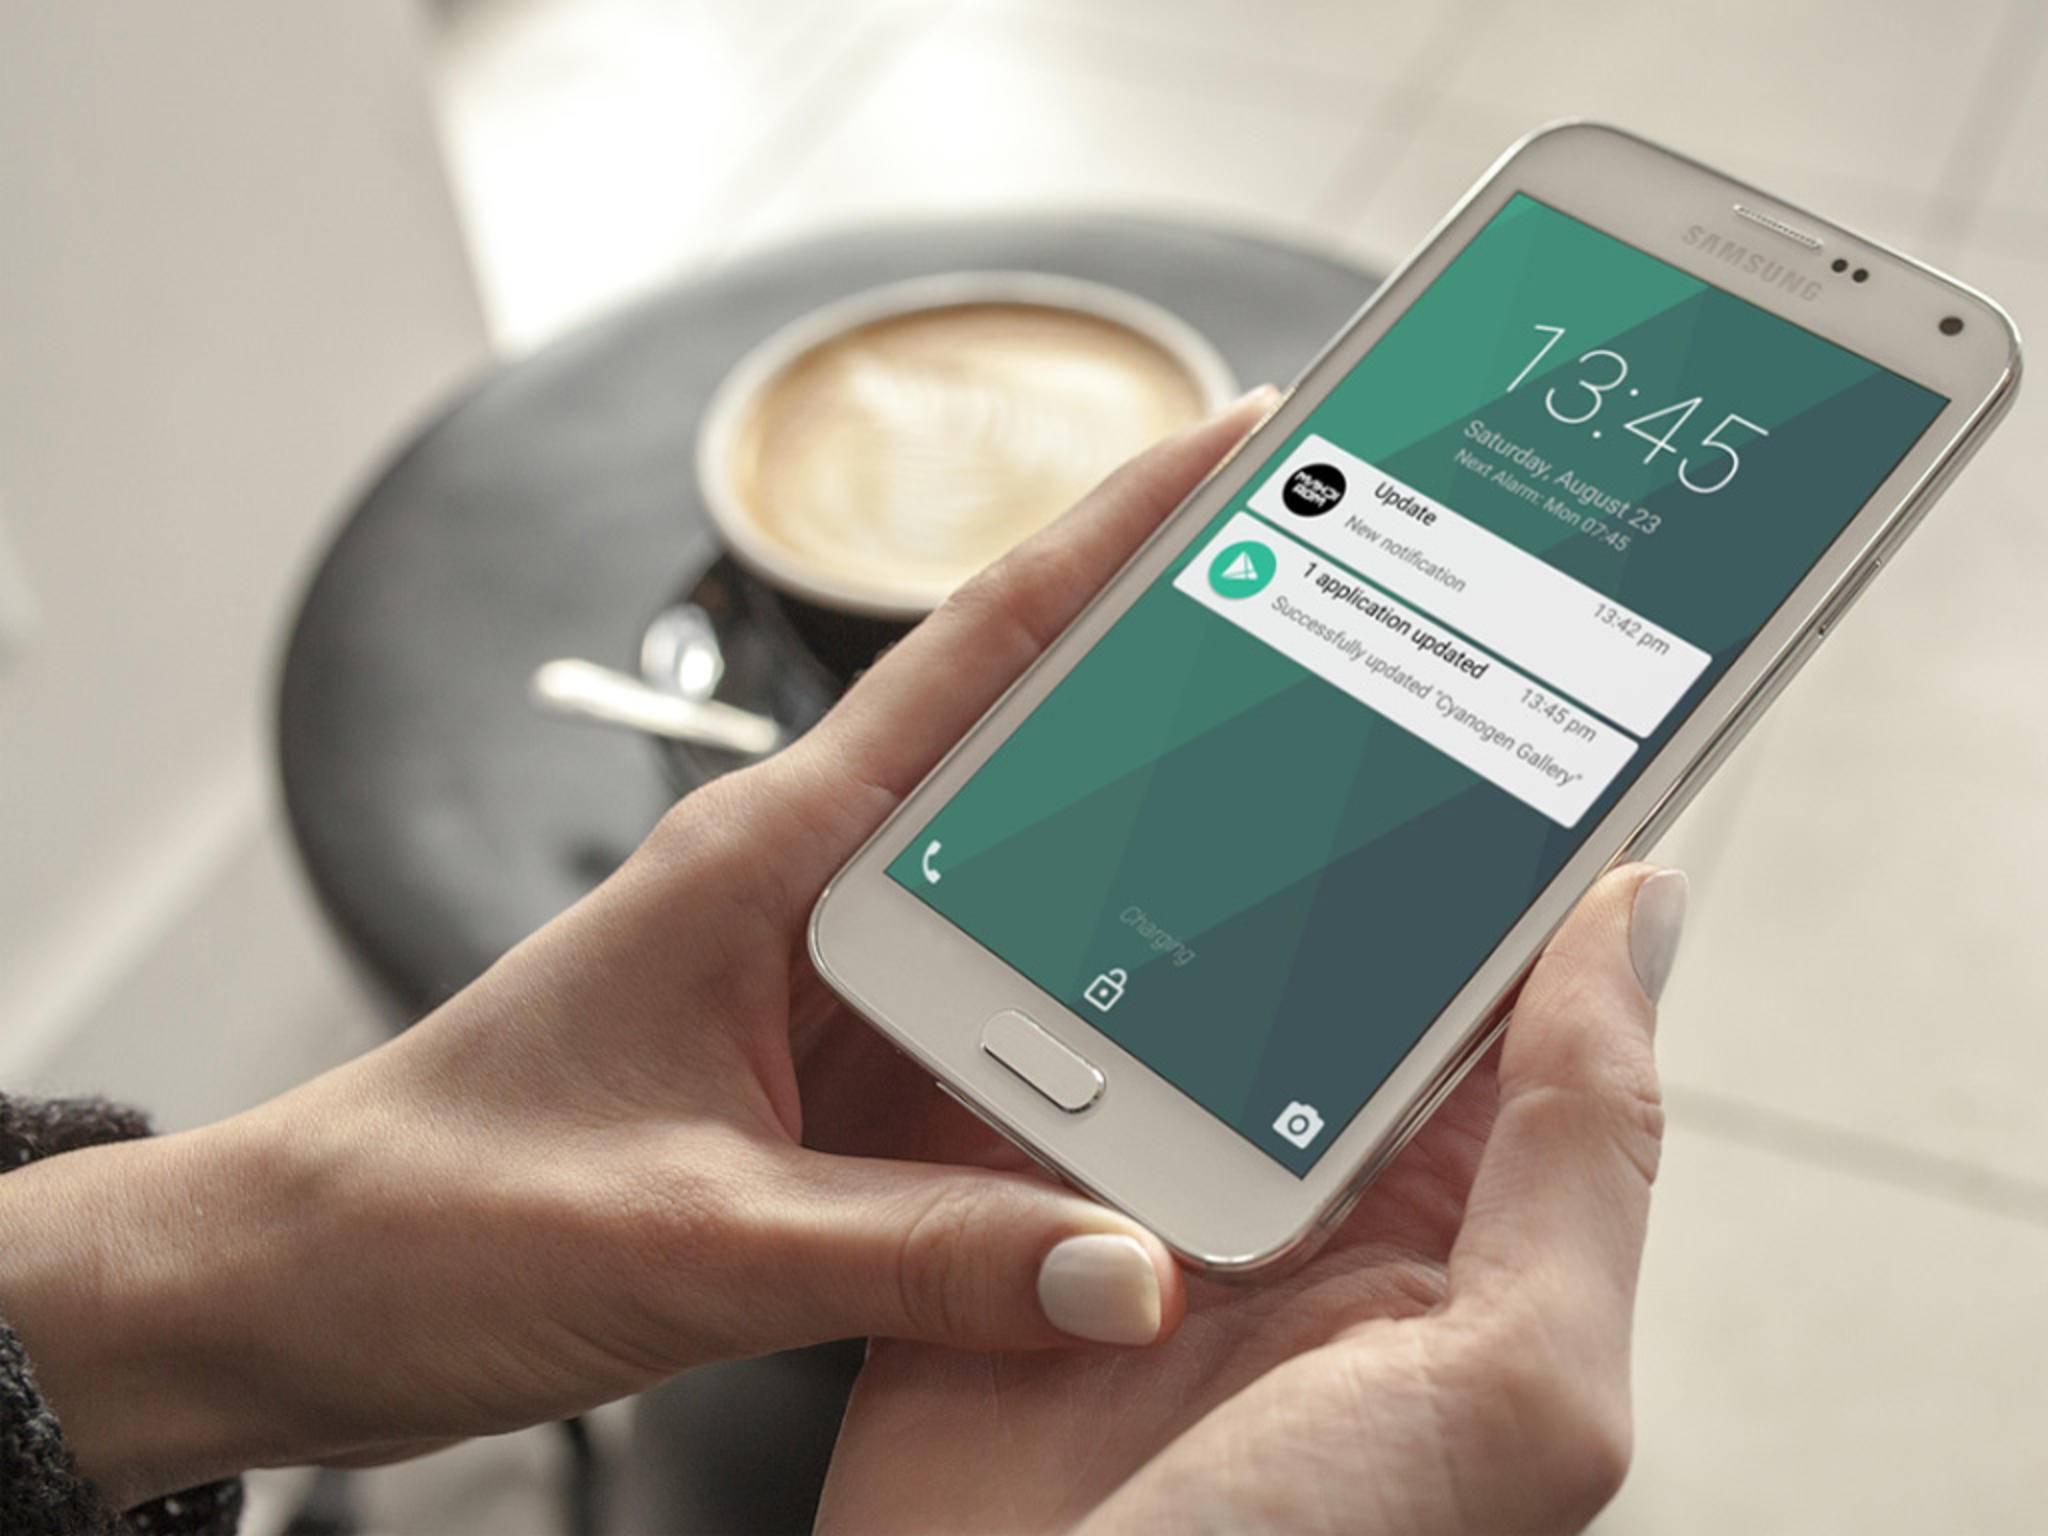 Mit praktischen Shortcuts kann man sich die Bedienung von Android erleichtern.